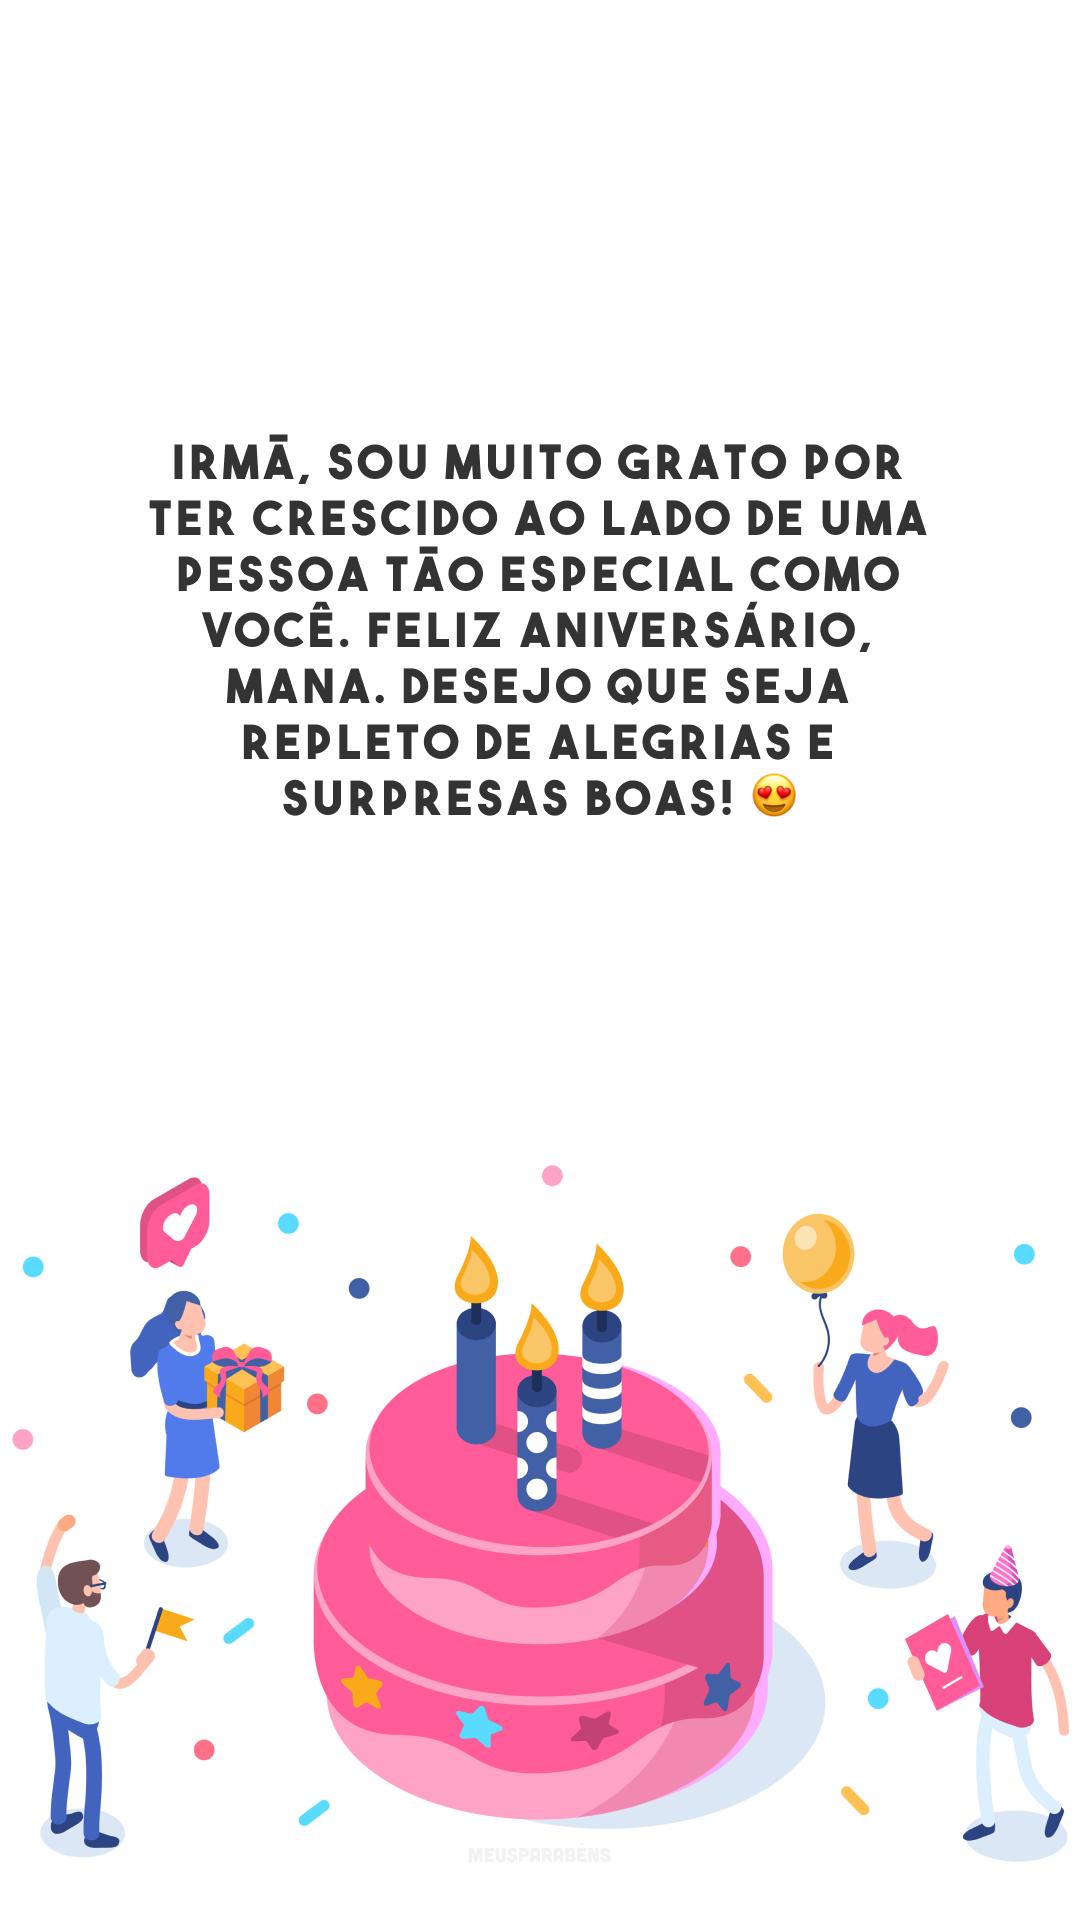 Irmã, sou muito grato por ter crescido ao lado de uma pessoa tão especial como você. Feliz aniversário, mana. Desejo que seja repleto de alegrias e surpresas boas! 😍